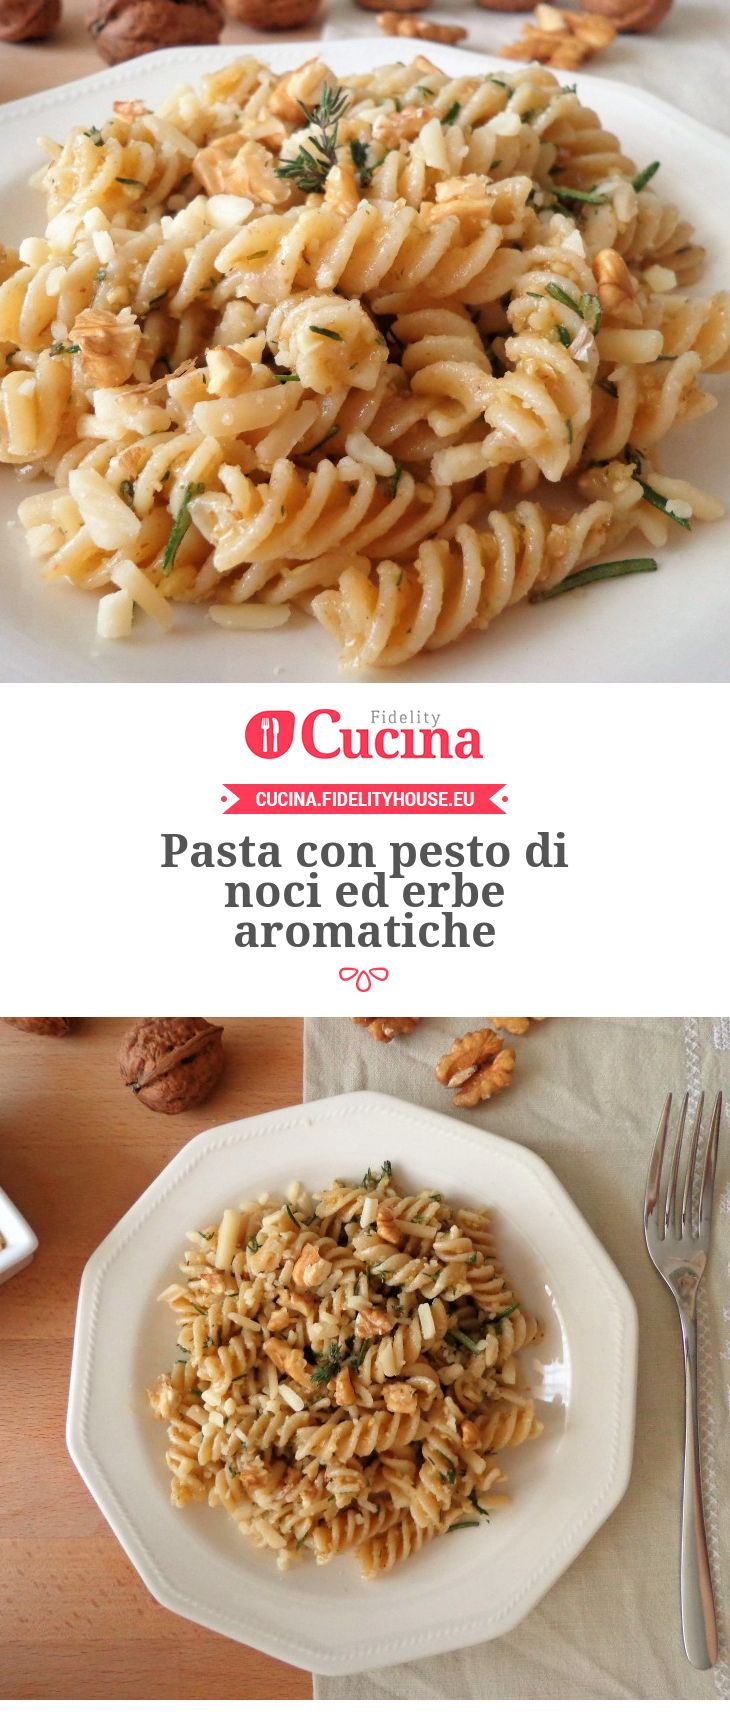 Pasta con pesto di noci ed erbe aromatiche della nostra utente Magdalena. Unisciti alla nostra Community ed invia le tue ricette!